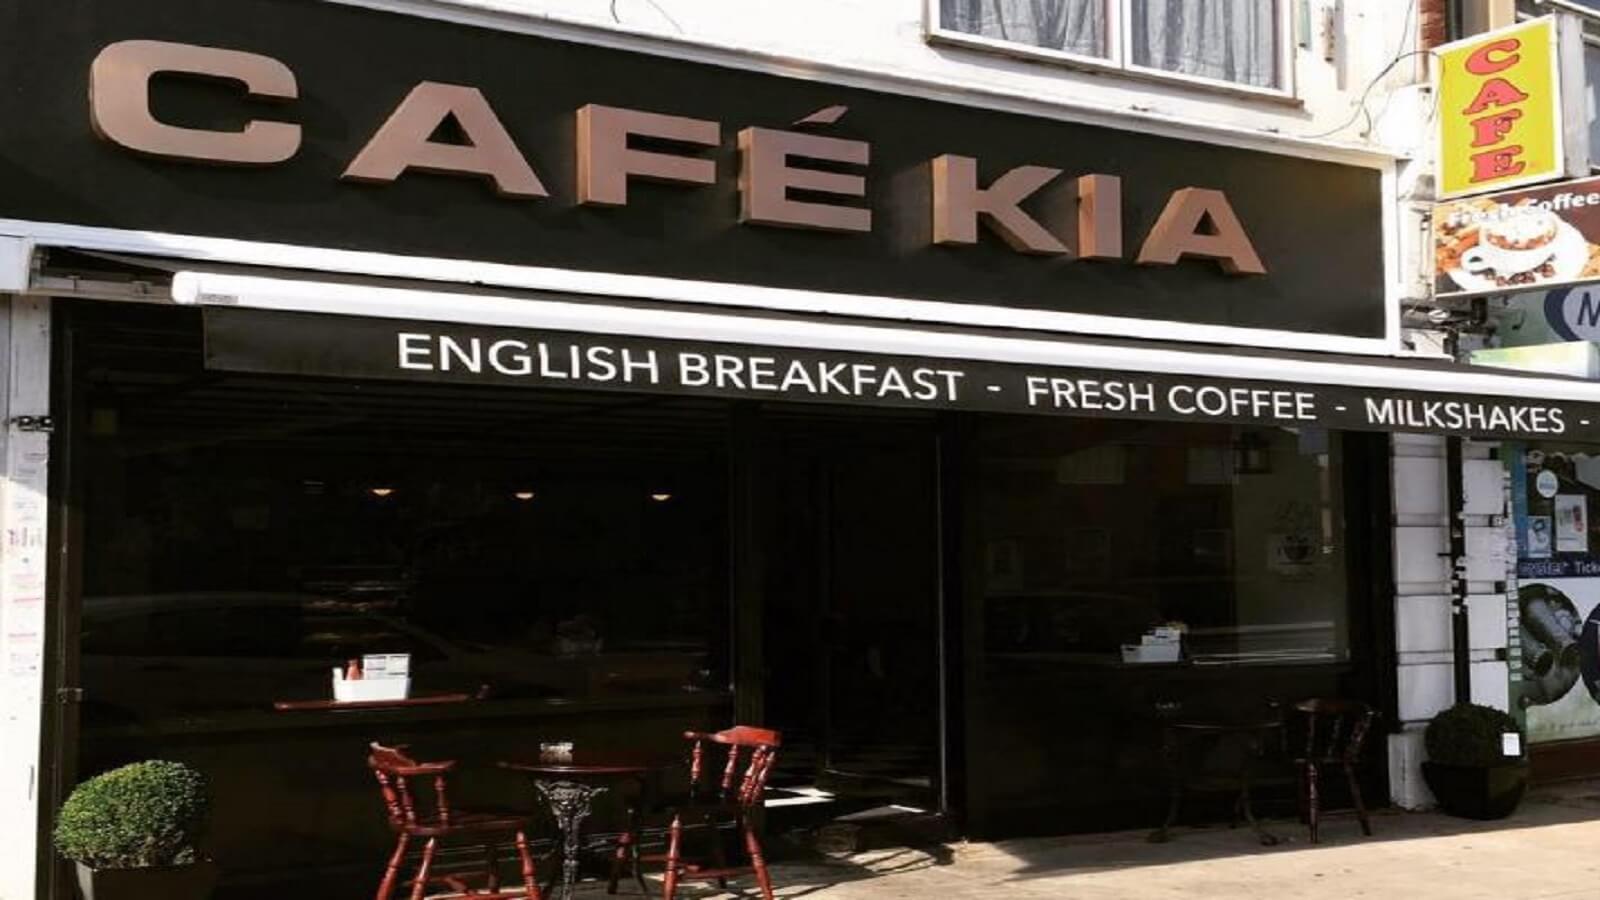 Cafekia